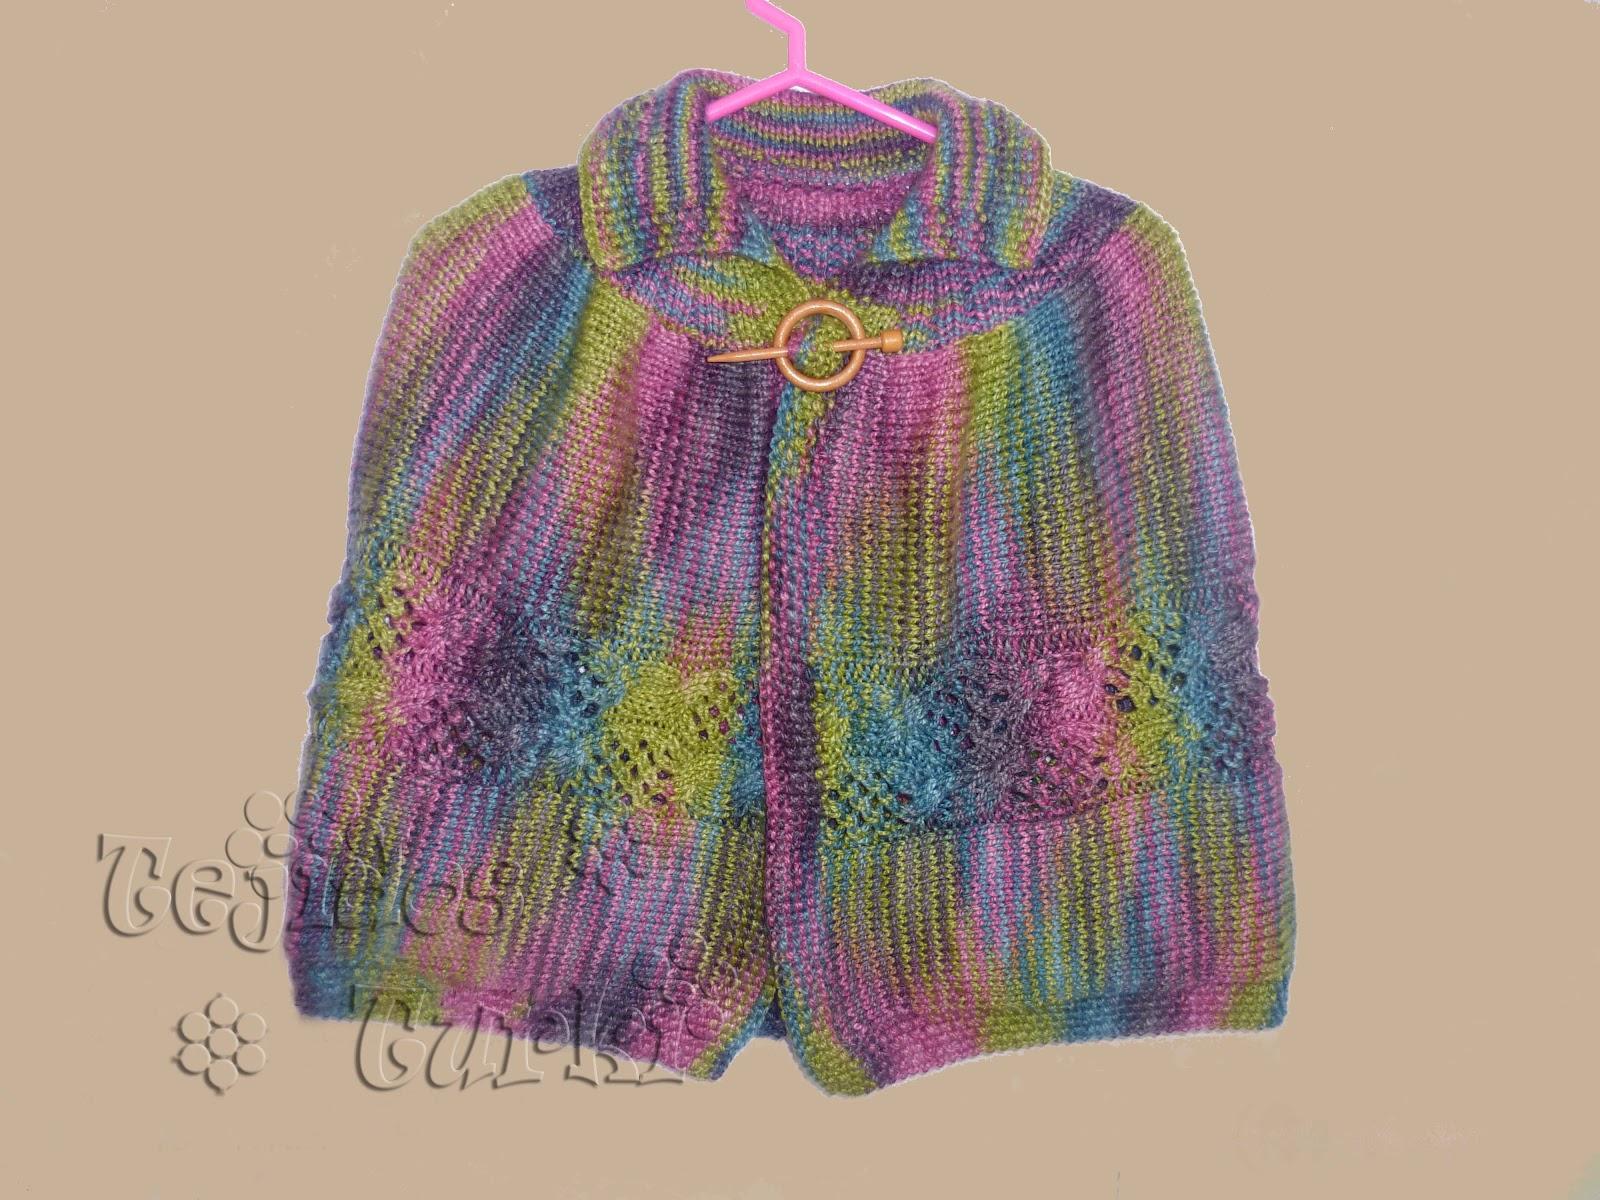 tejidos a crochet tejiendo a crochet para blusas de moda